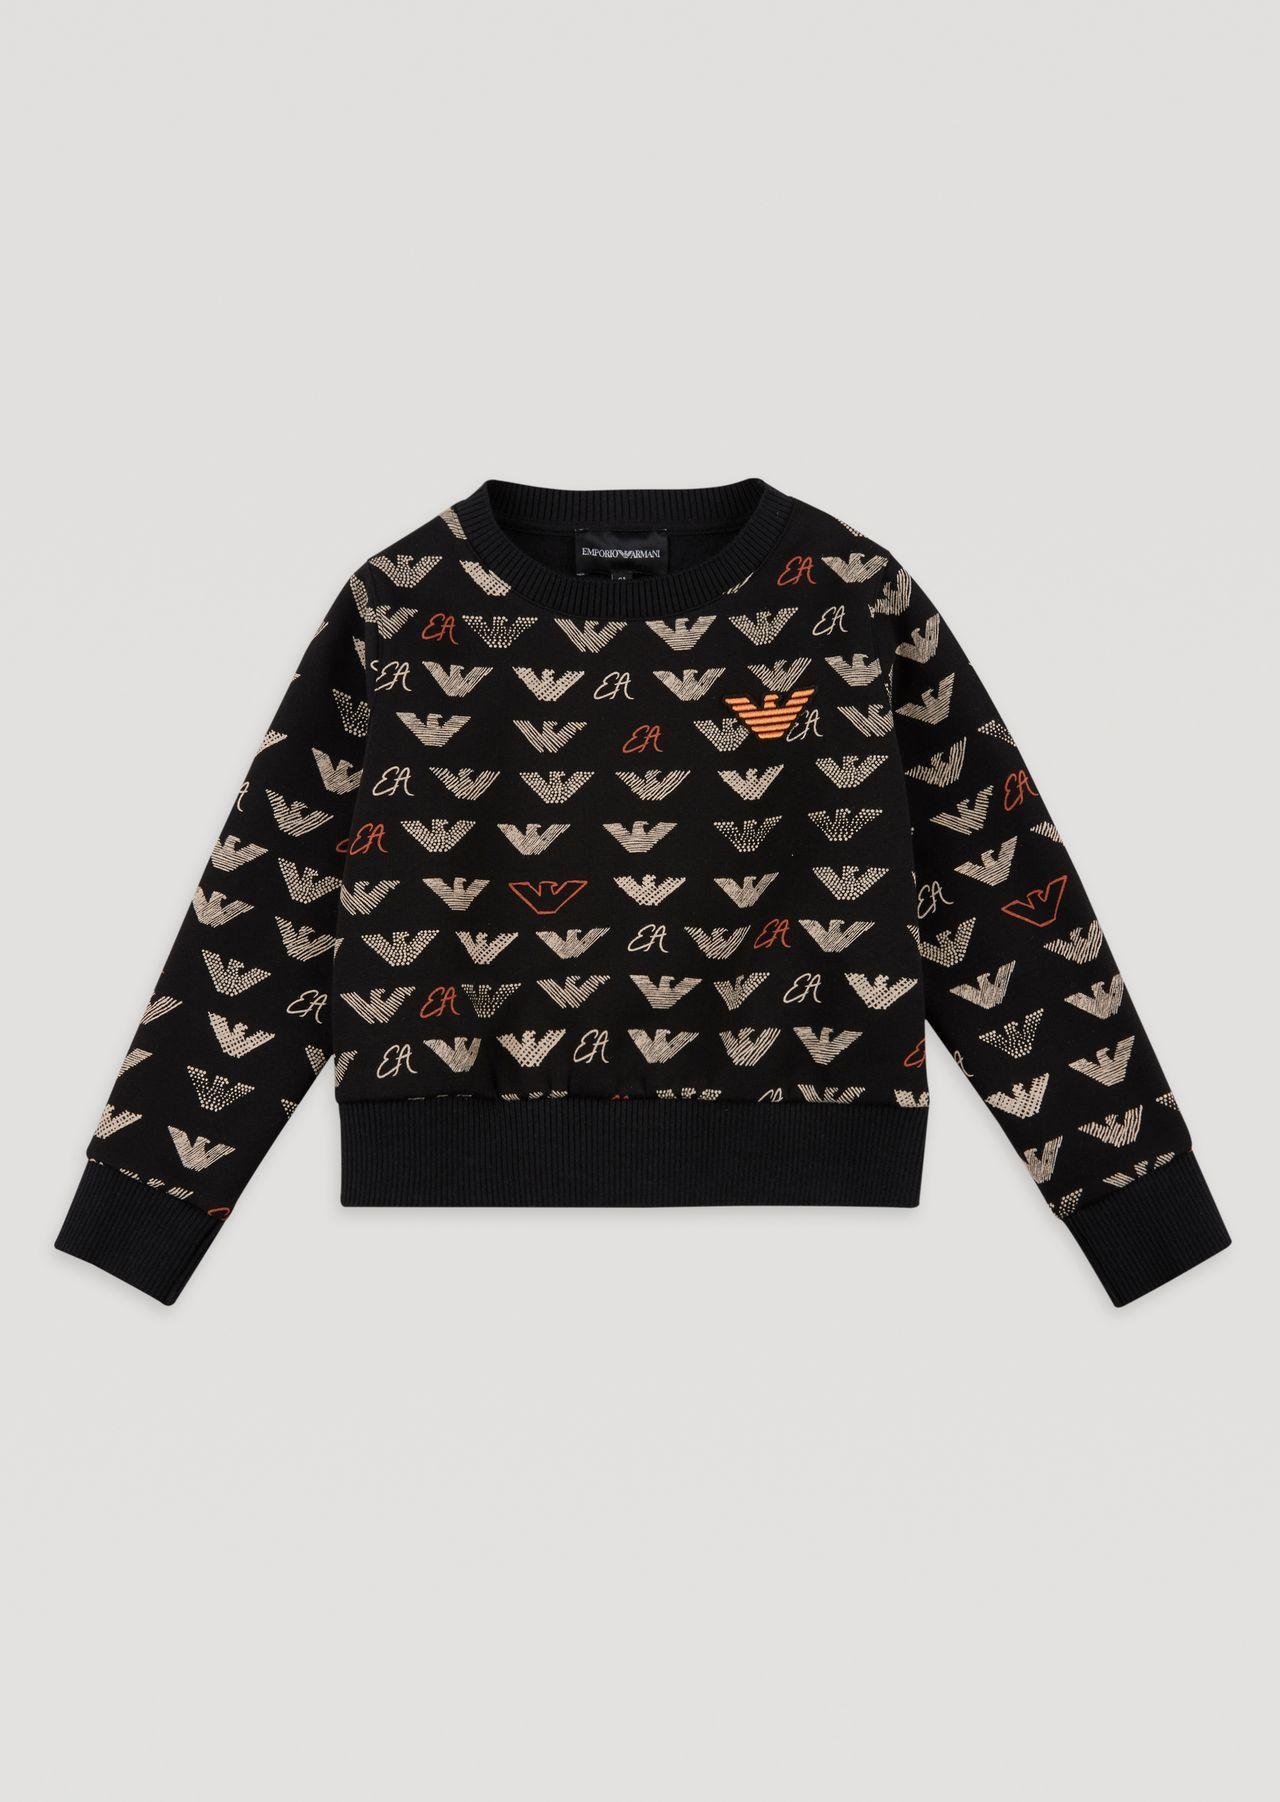 0cff4eb55 EMPORIO ARMANI Sweatshirt Woman f   gucci   Armani sweatshirt ...